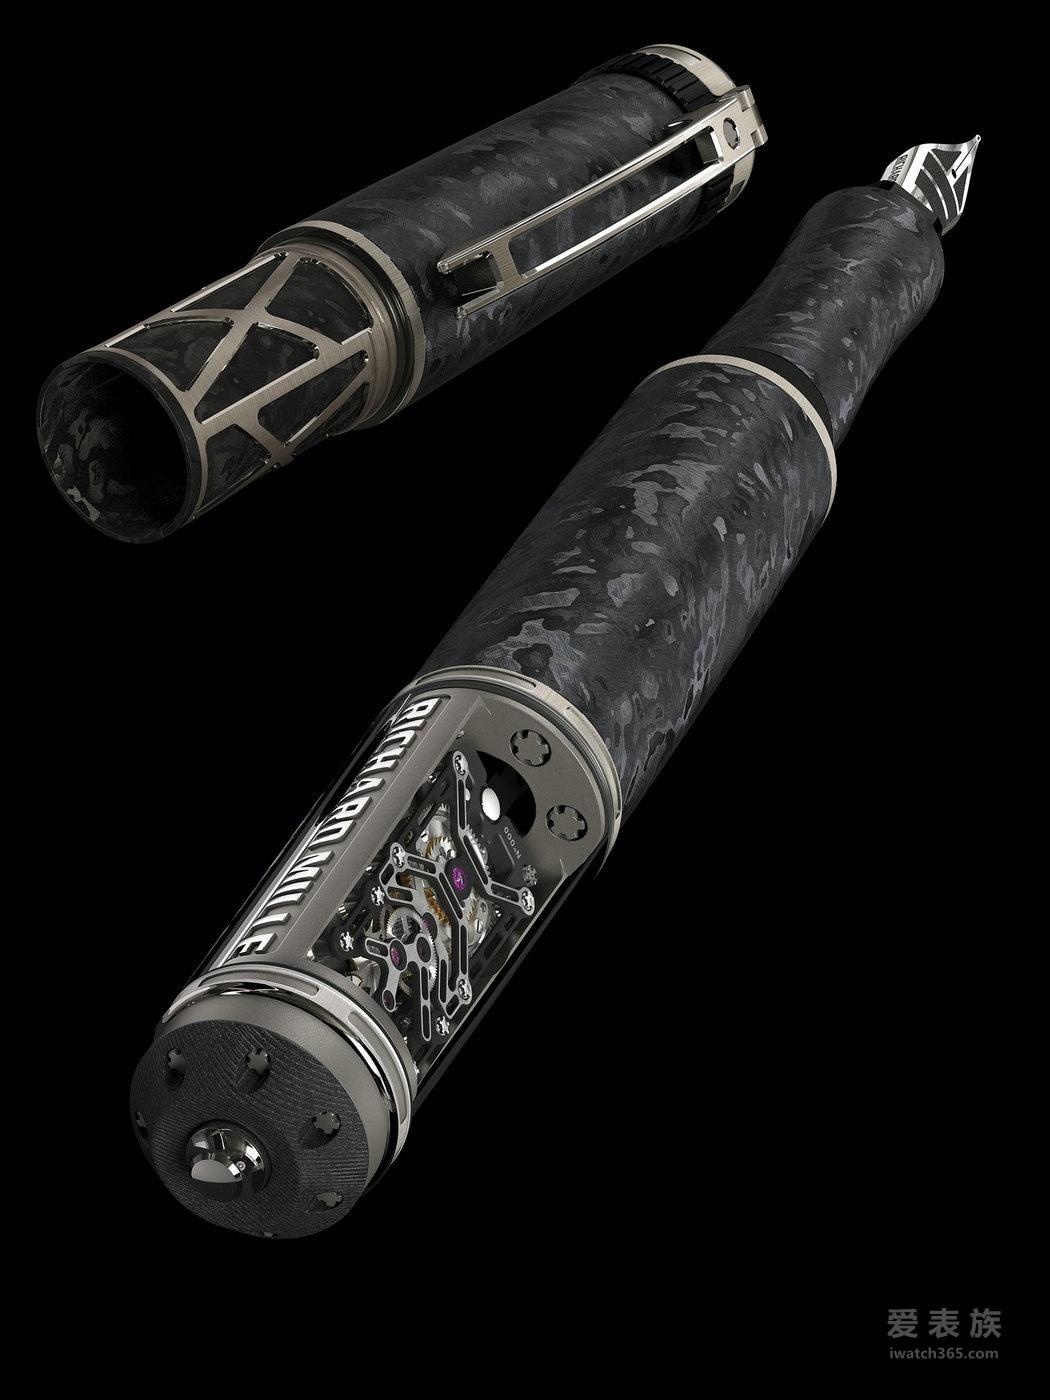 [2016年SIHH日内瓦国际钟表展]RICHARD MILLE自动墨水笔